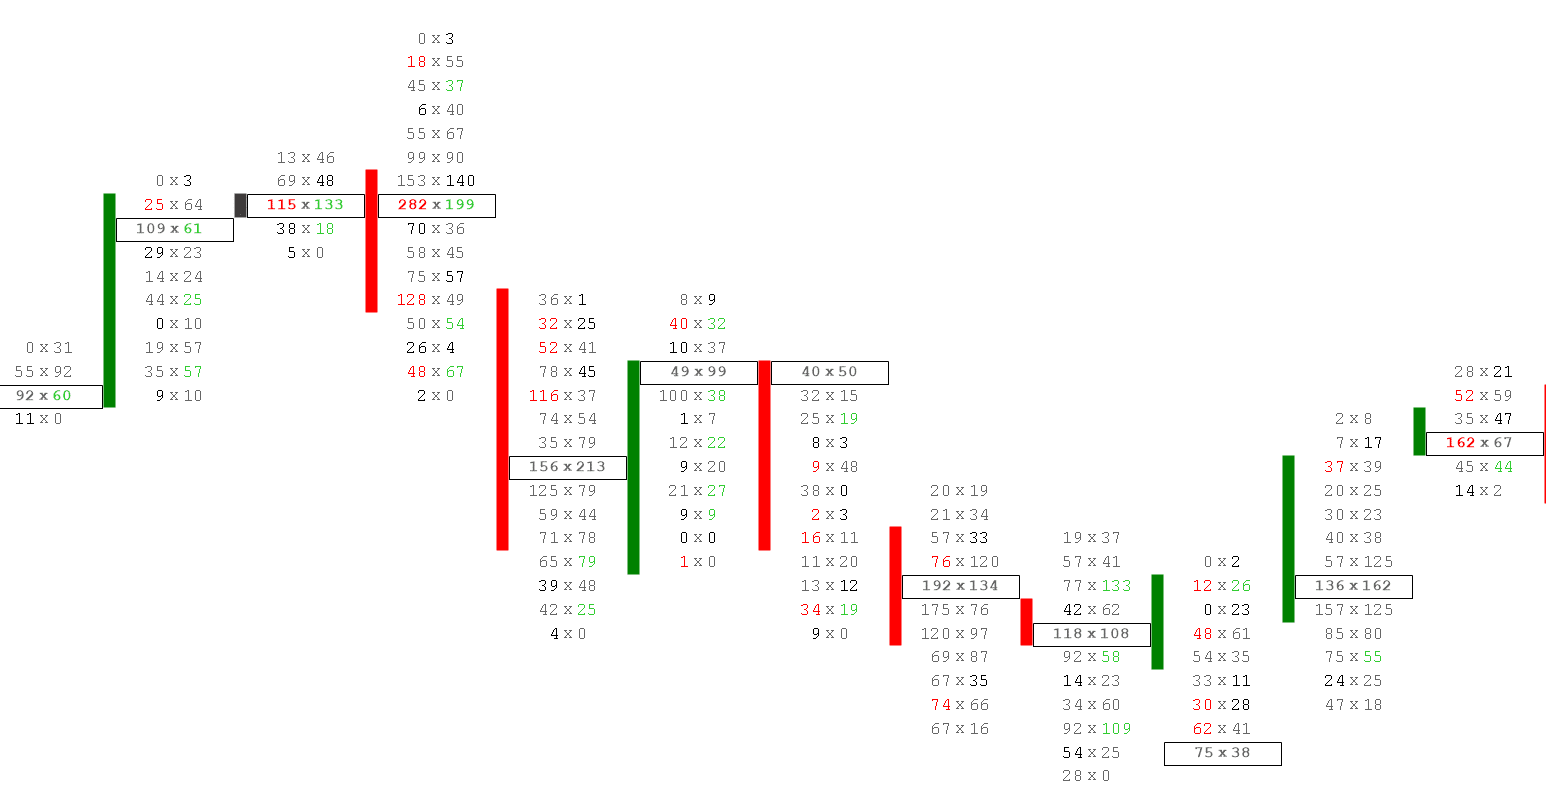 mitől függ a bináris opciós diagram